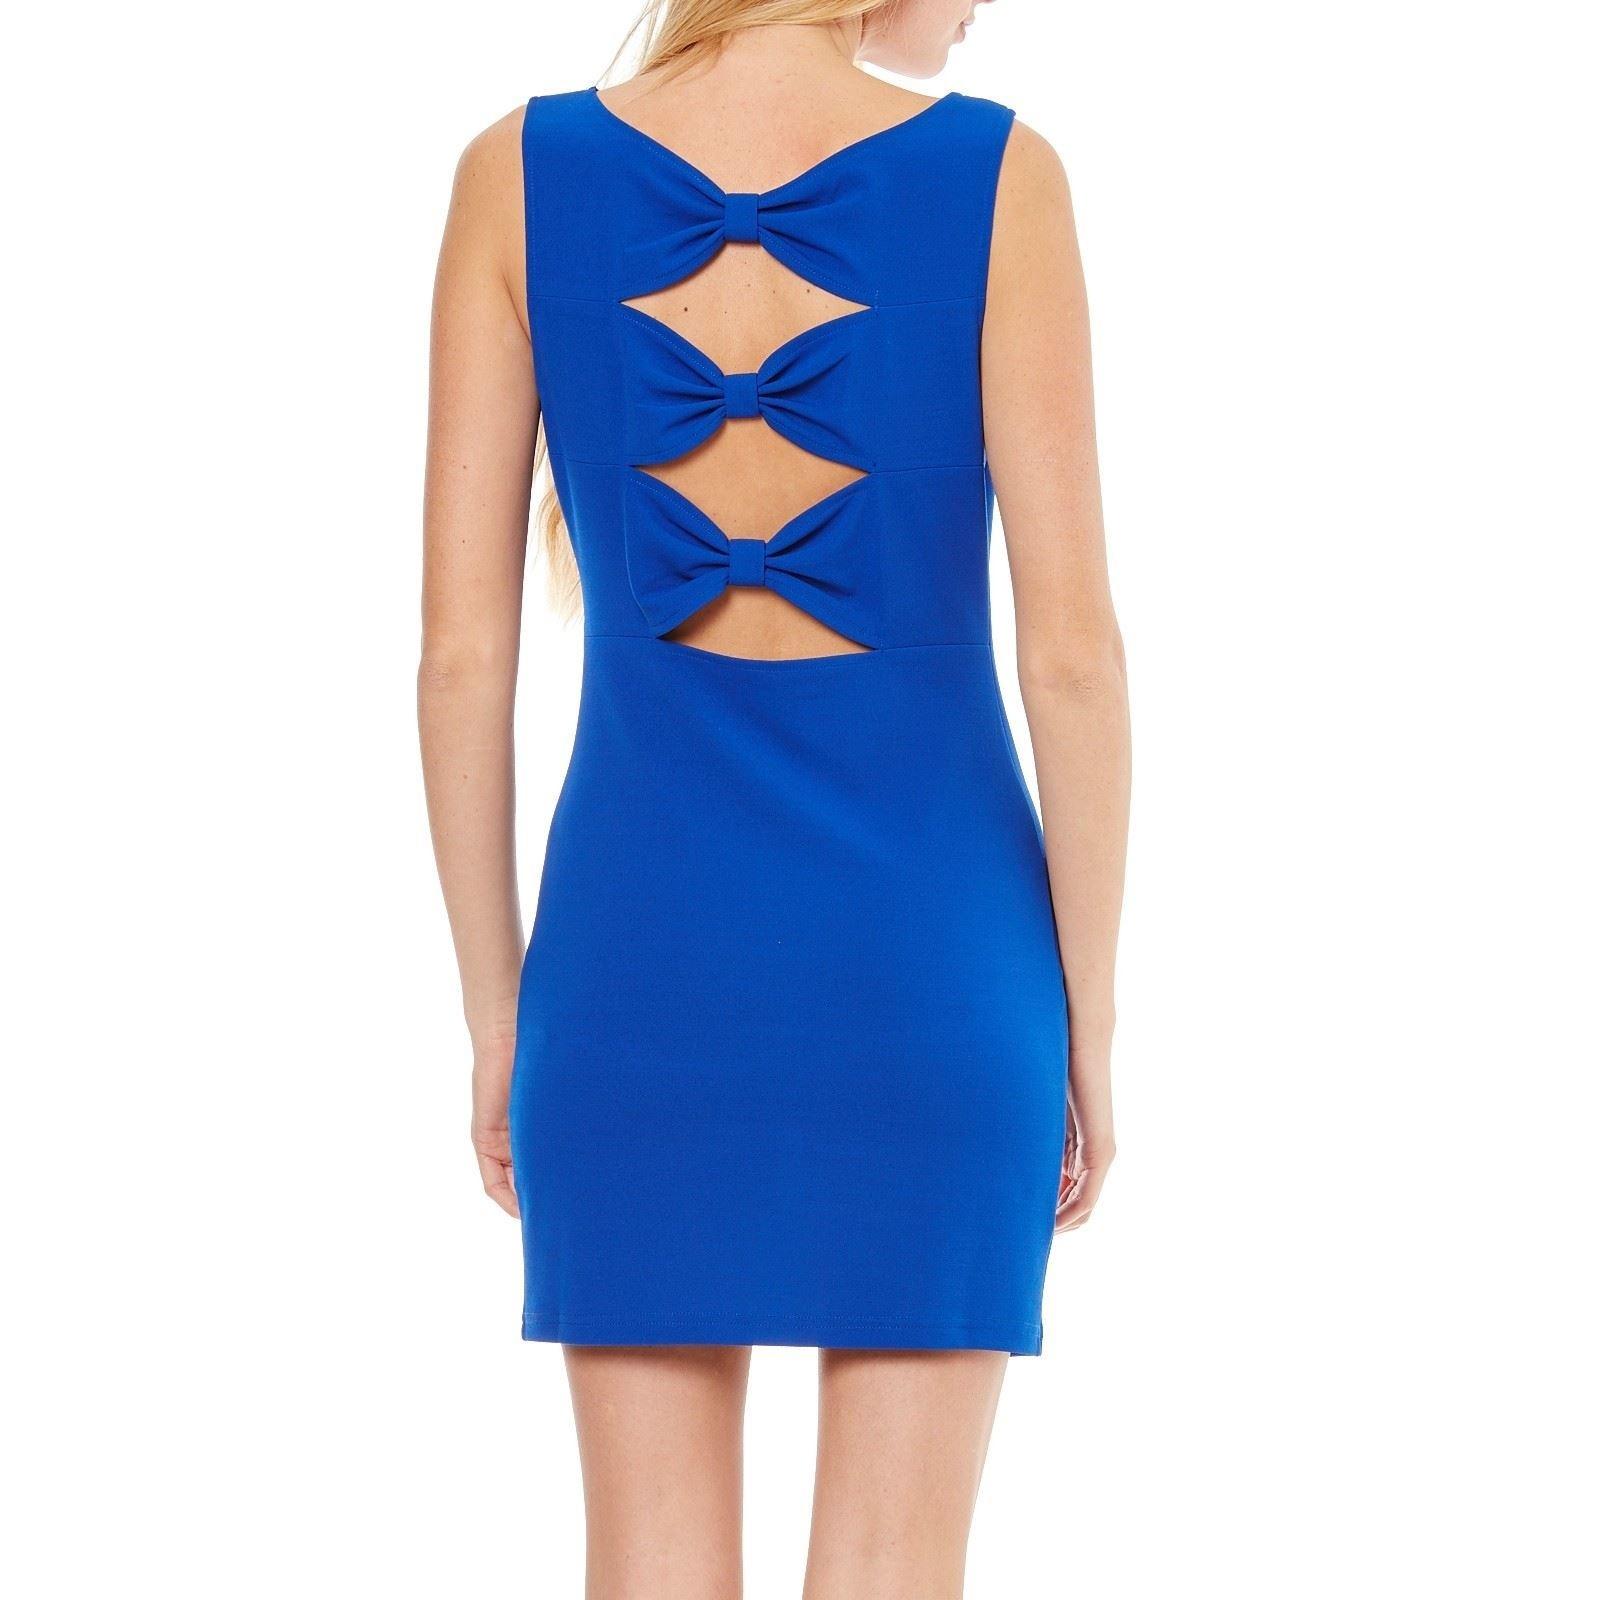 Formal Erstaunlich Kurzes Kleid Blau Boutique20 Luxurius Kurzes Kleid Blau Stylish